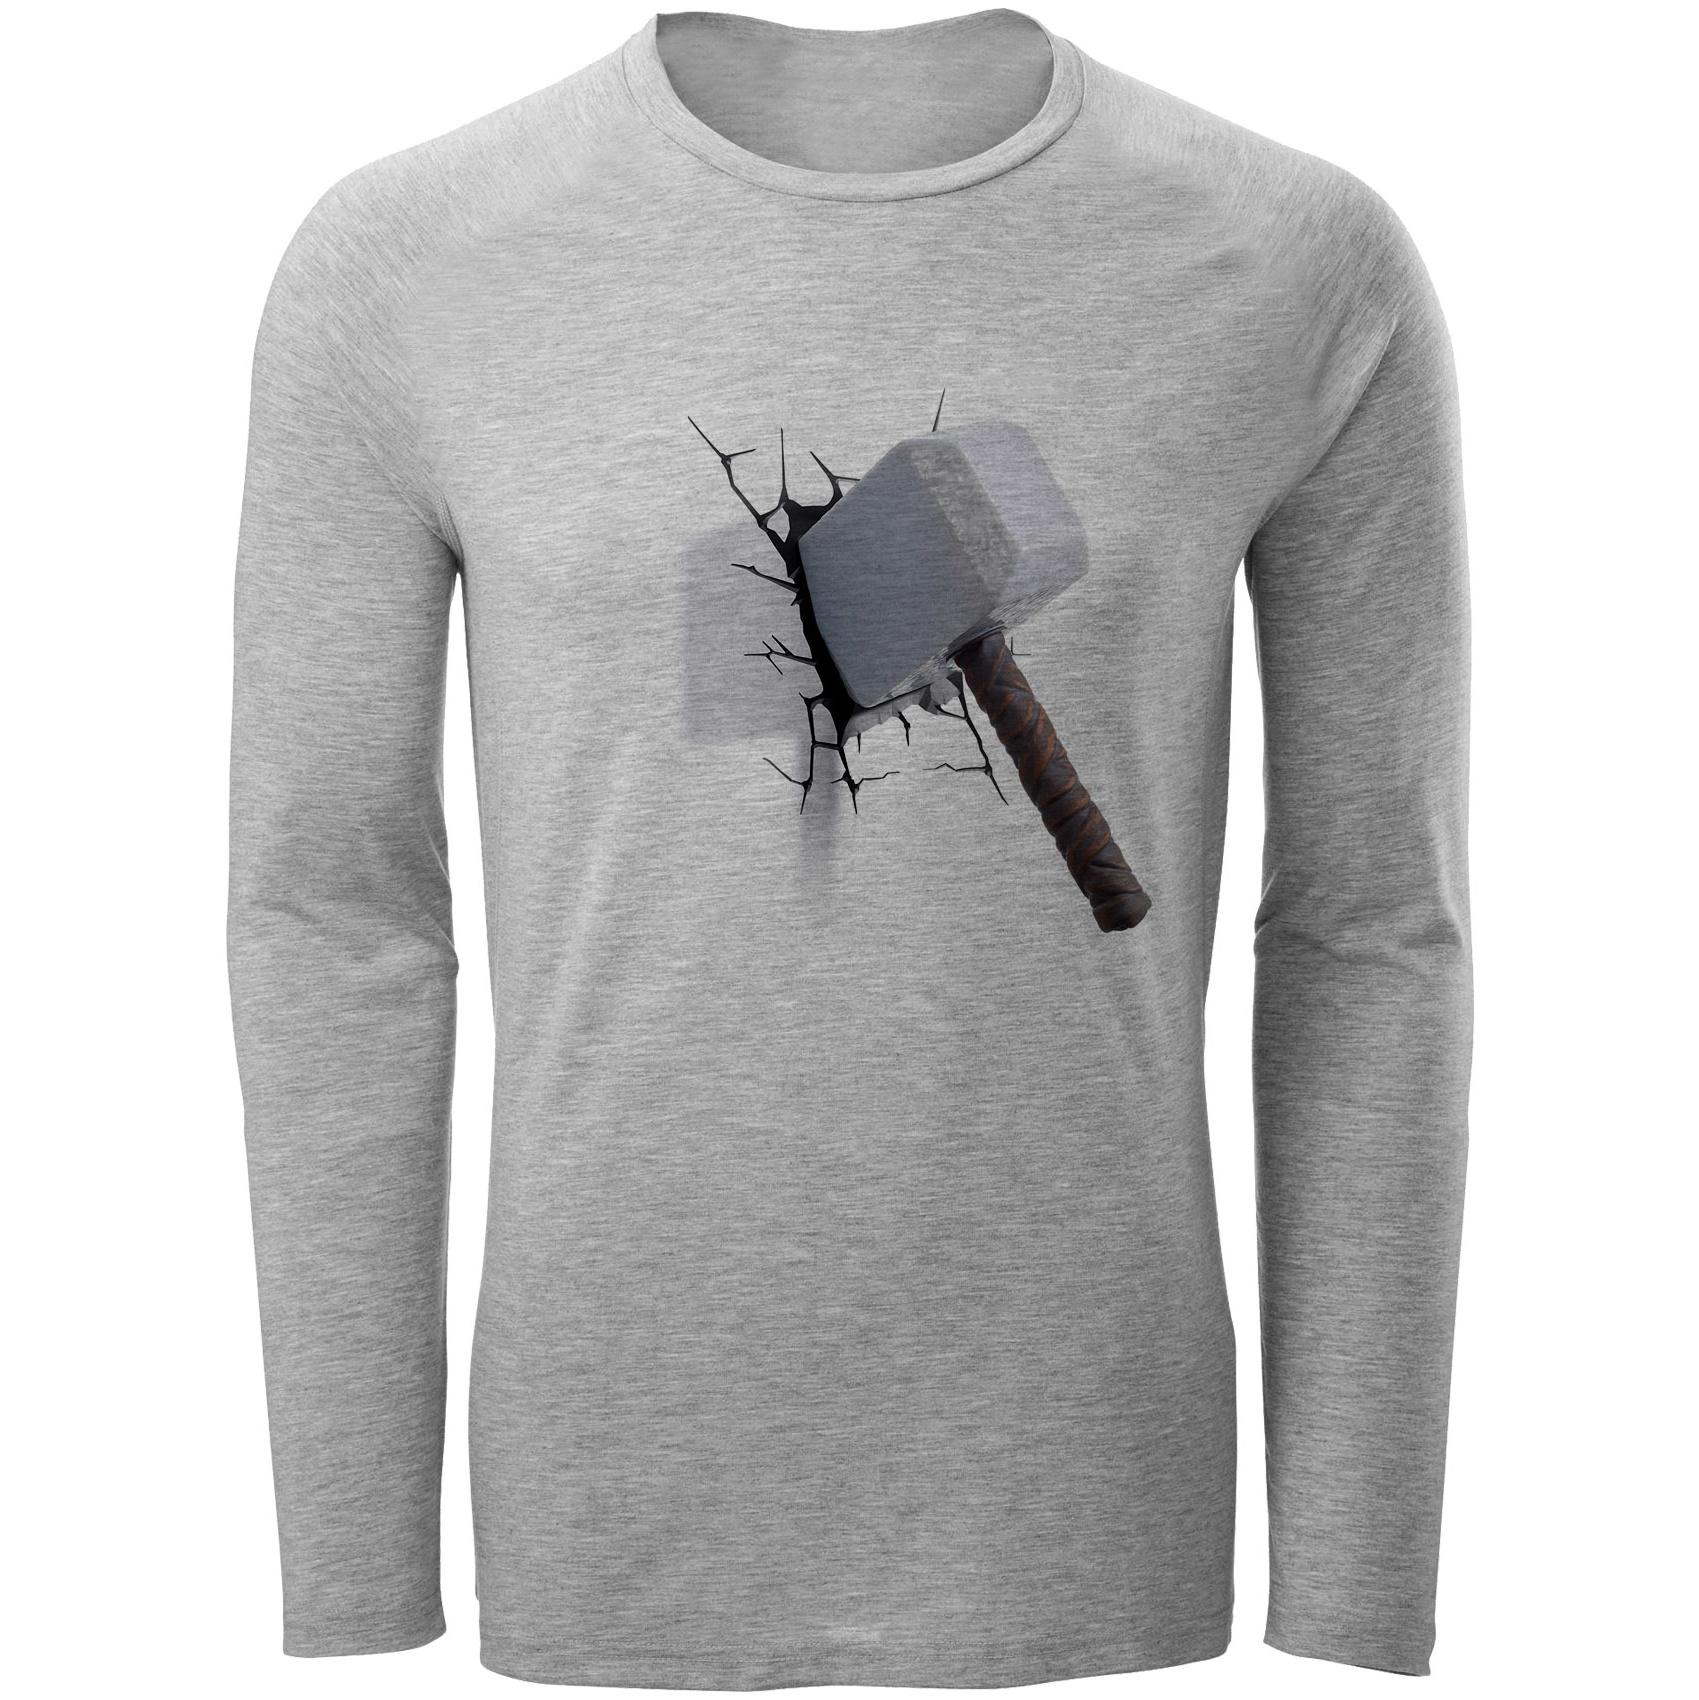 خرید ارزان تی شرت آستین بلند مردانه طرح پتک مدل S275